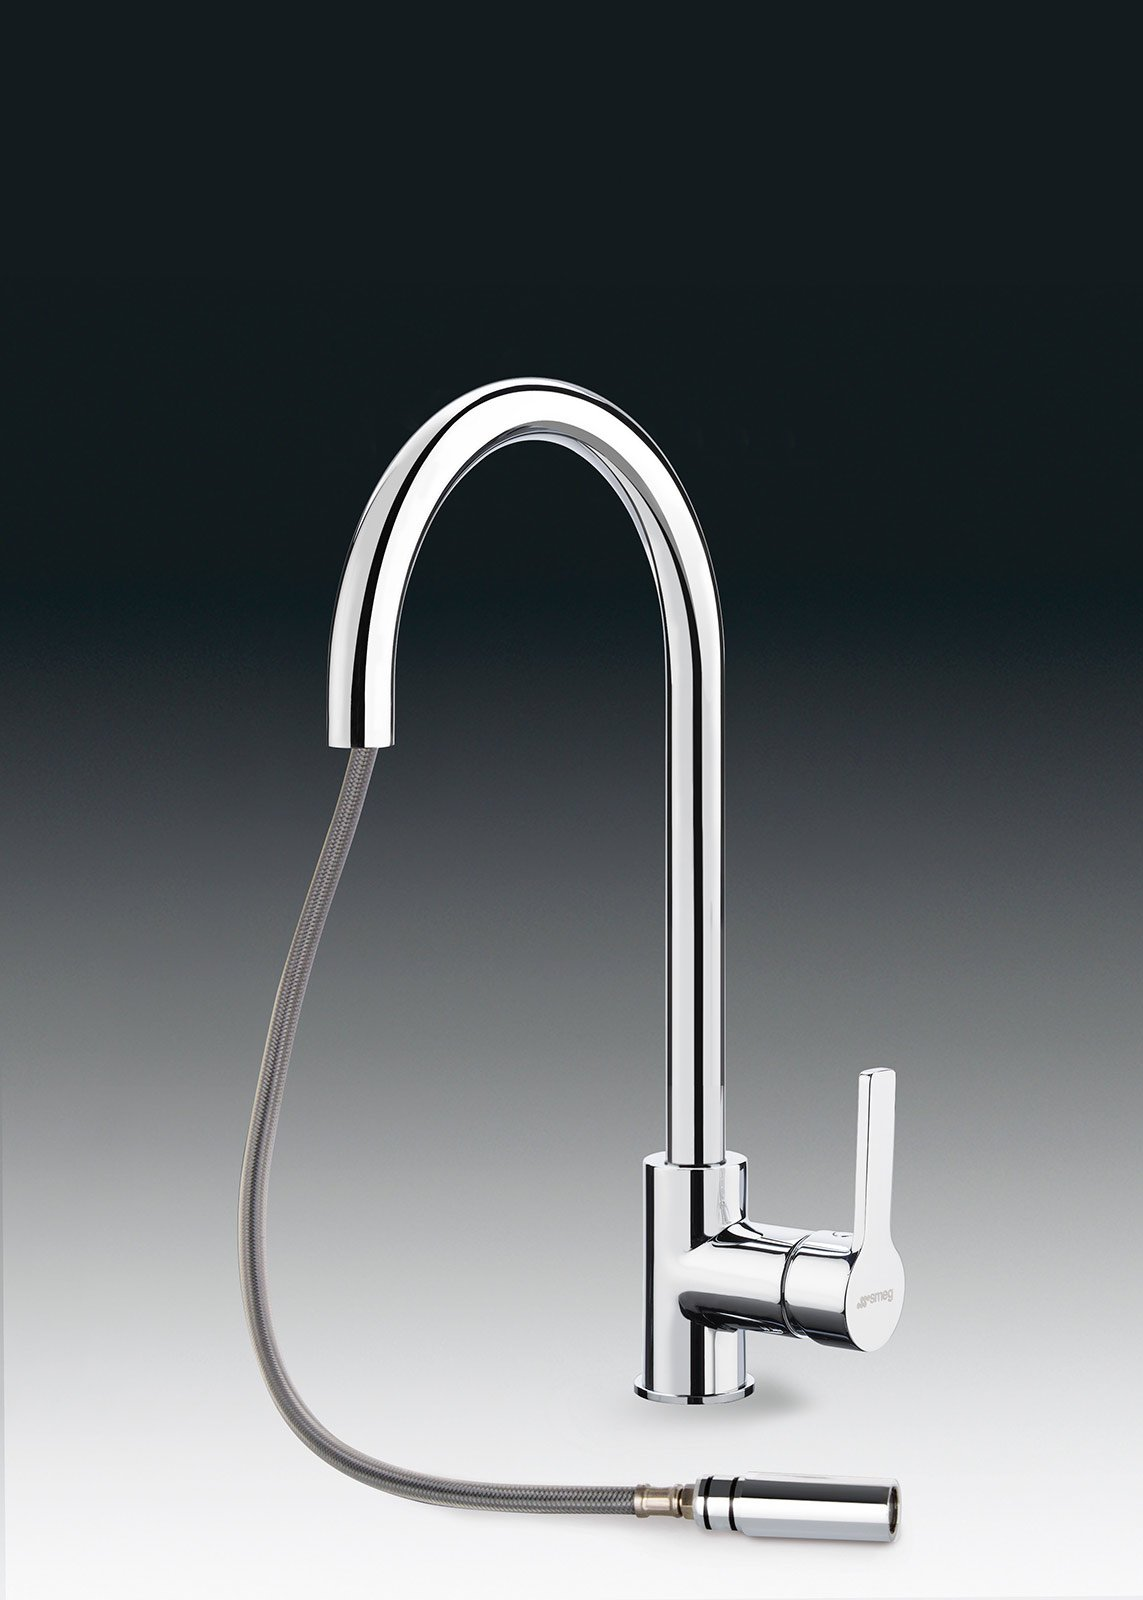 cucina: rubinetti per il lavello - cose di casa - Miscelatore Cucina Doccetta